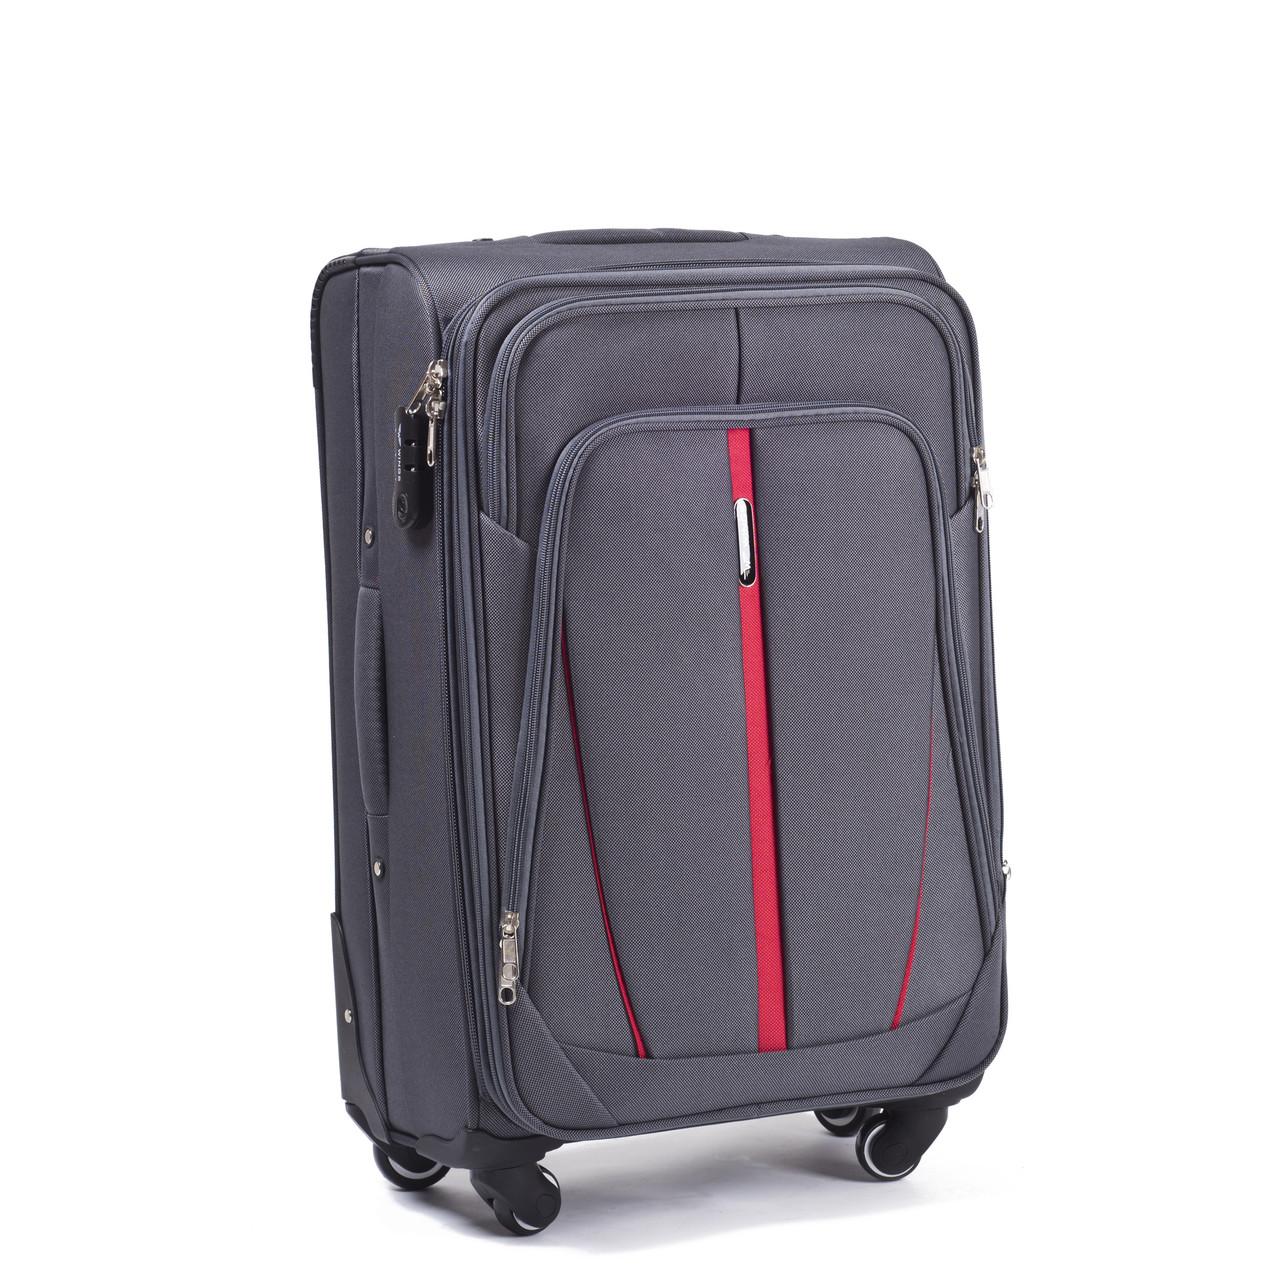 Большой тканевый чемодан Wings 1706 на 4 колесах серый, фото 1